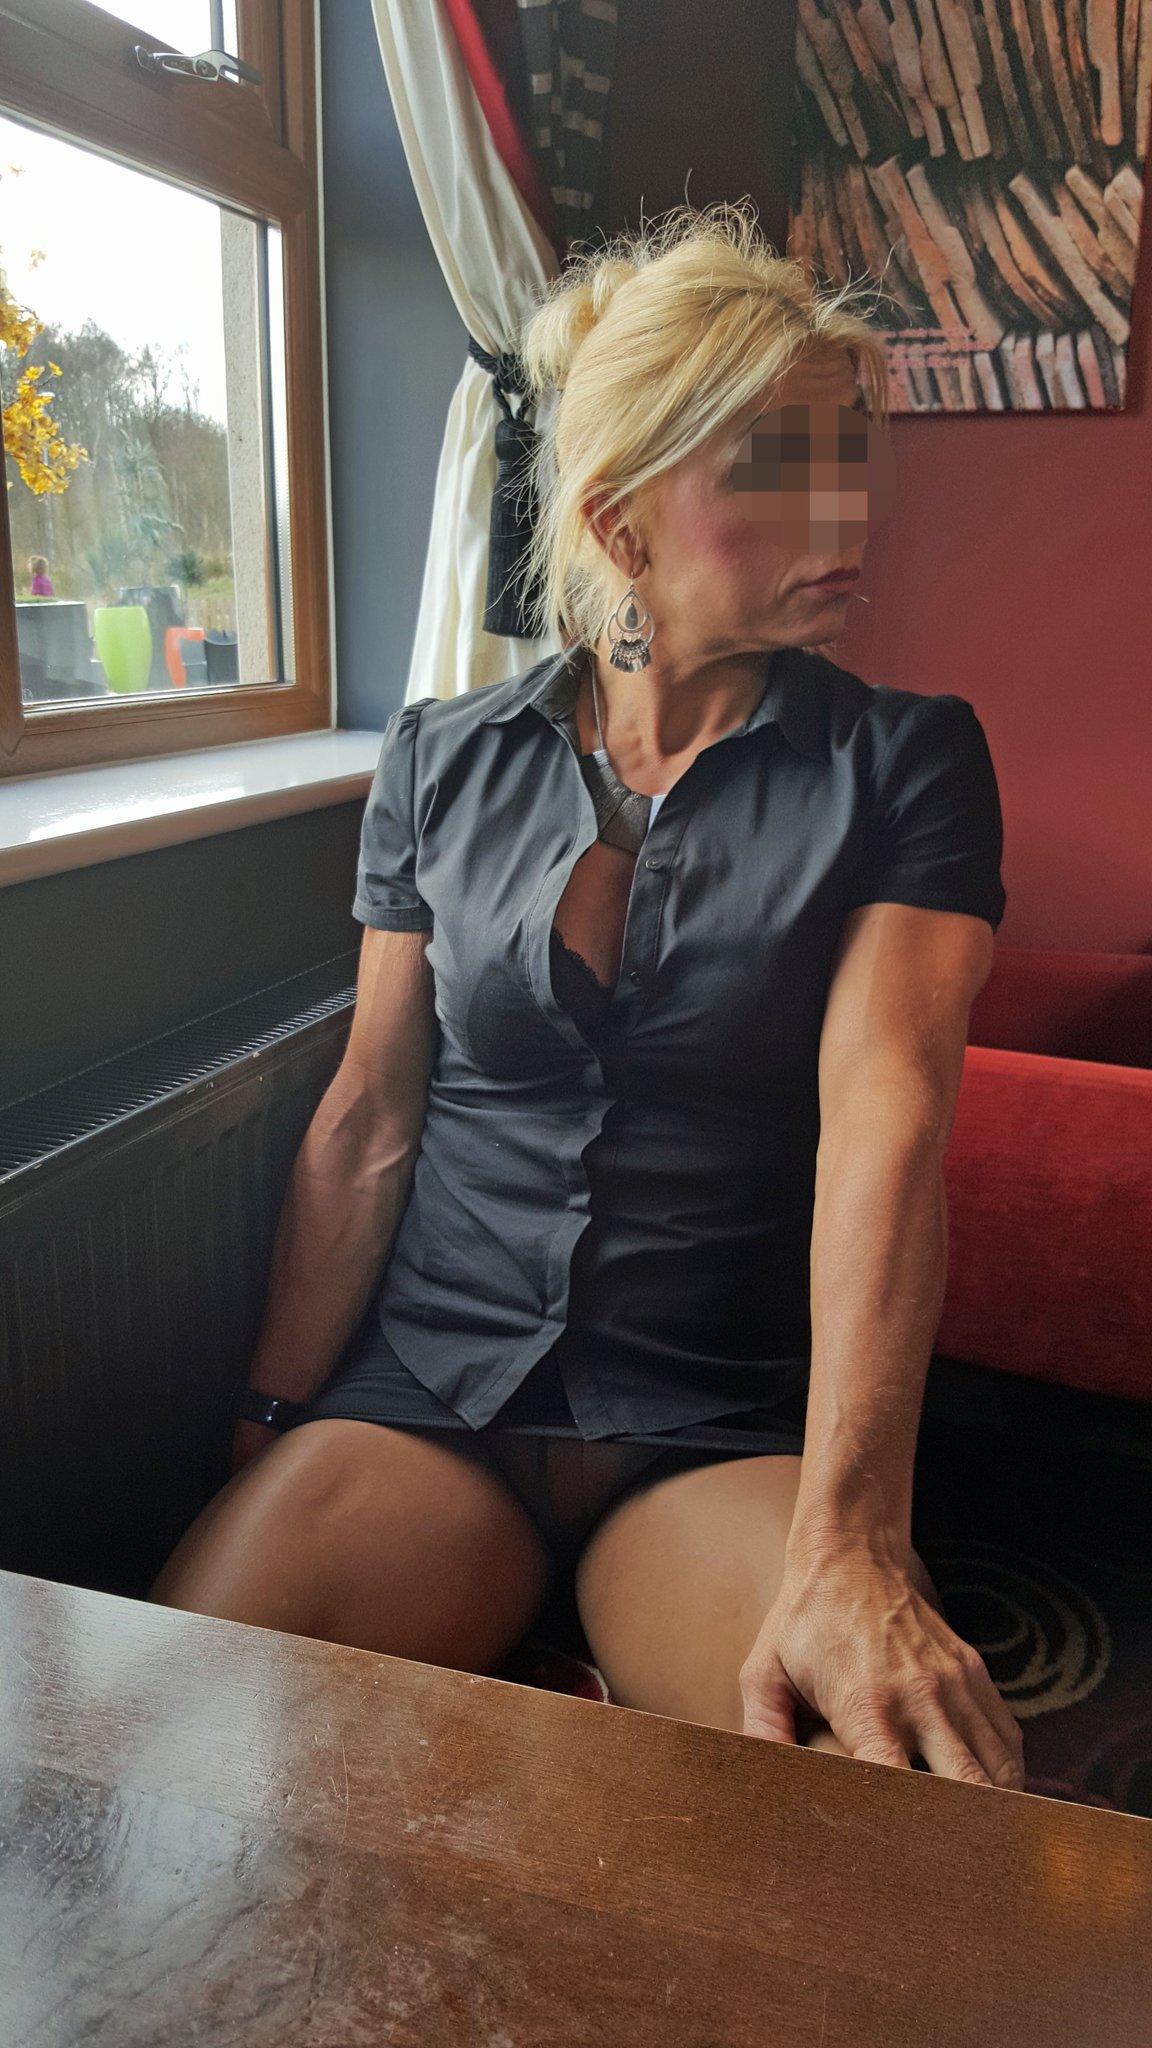 Britney pussy again